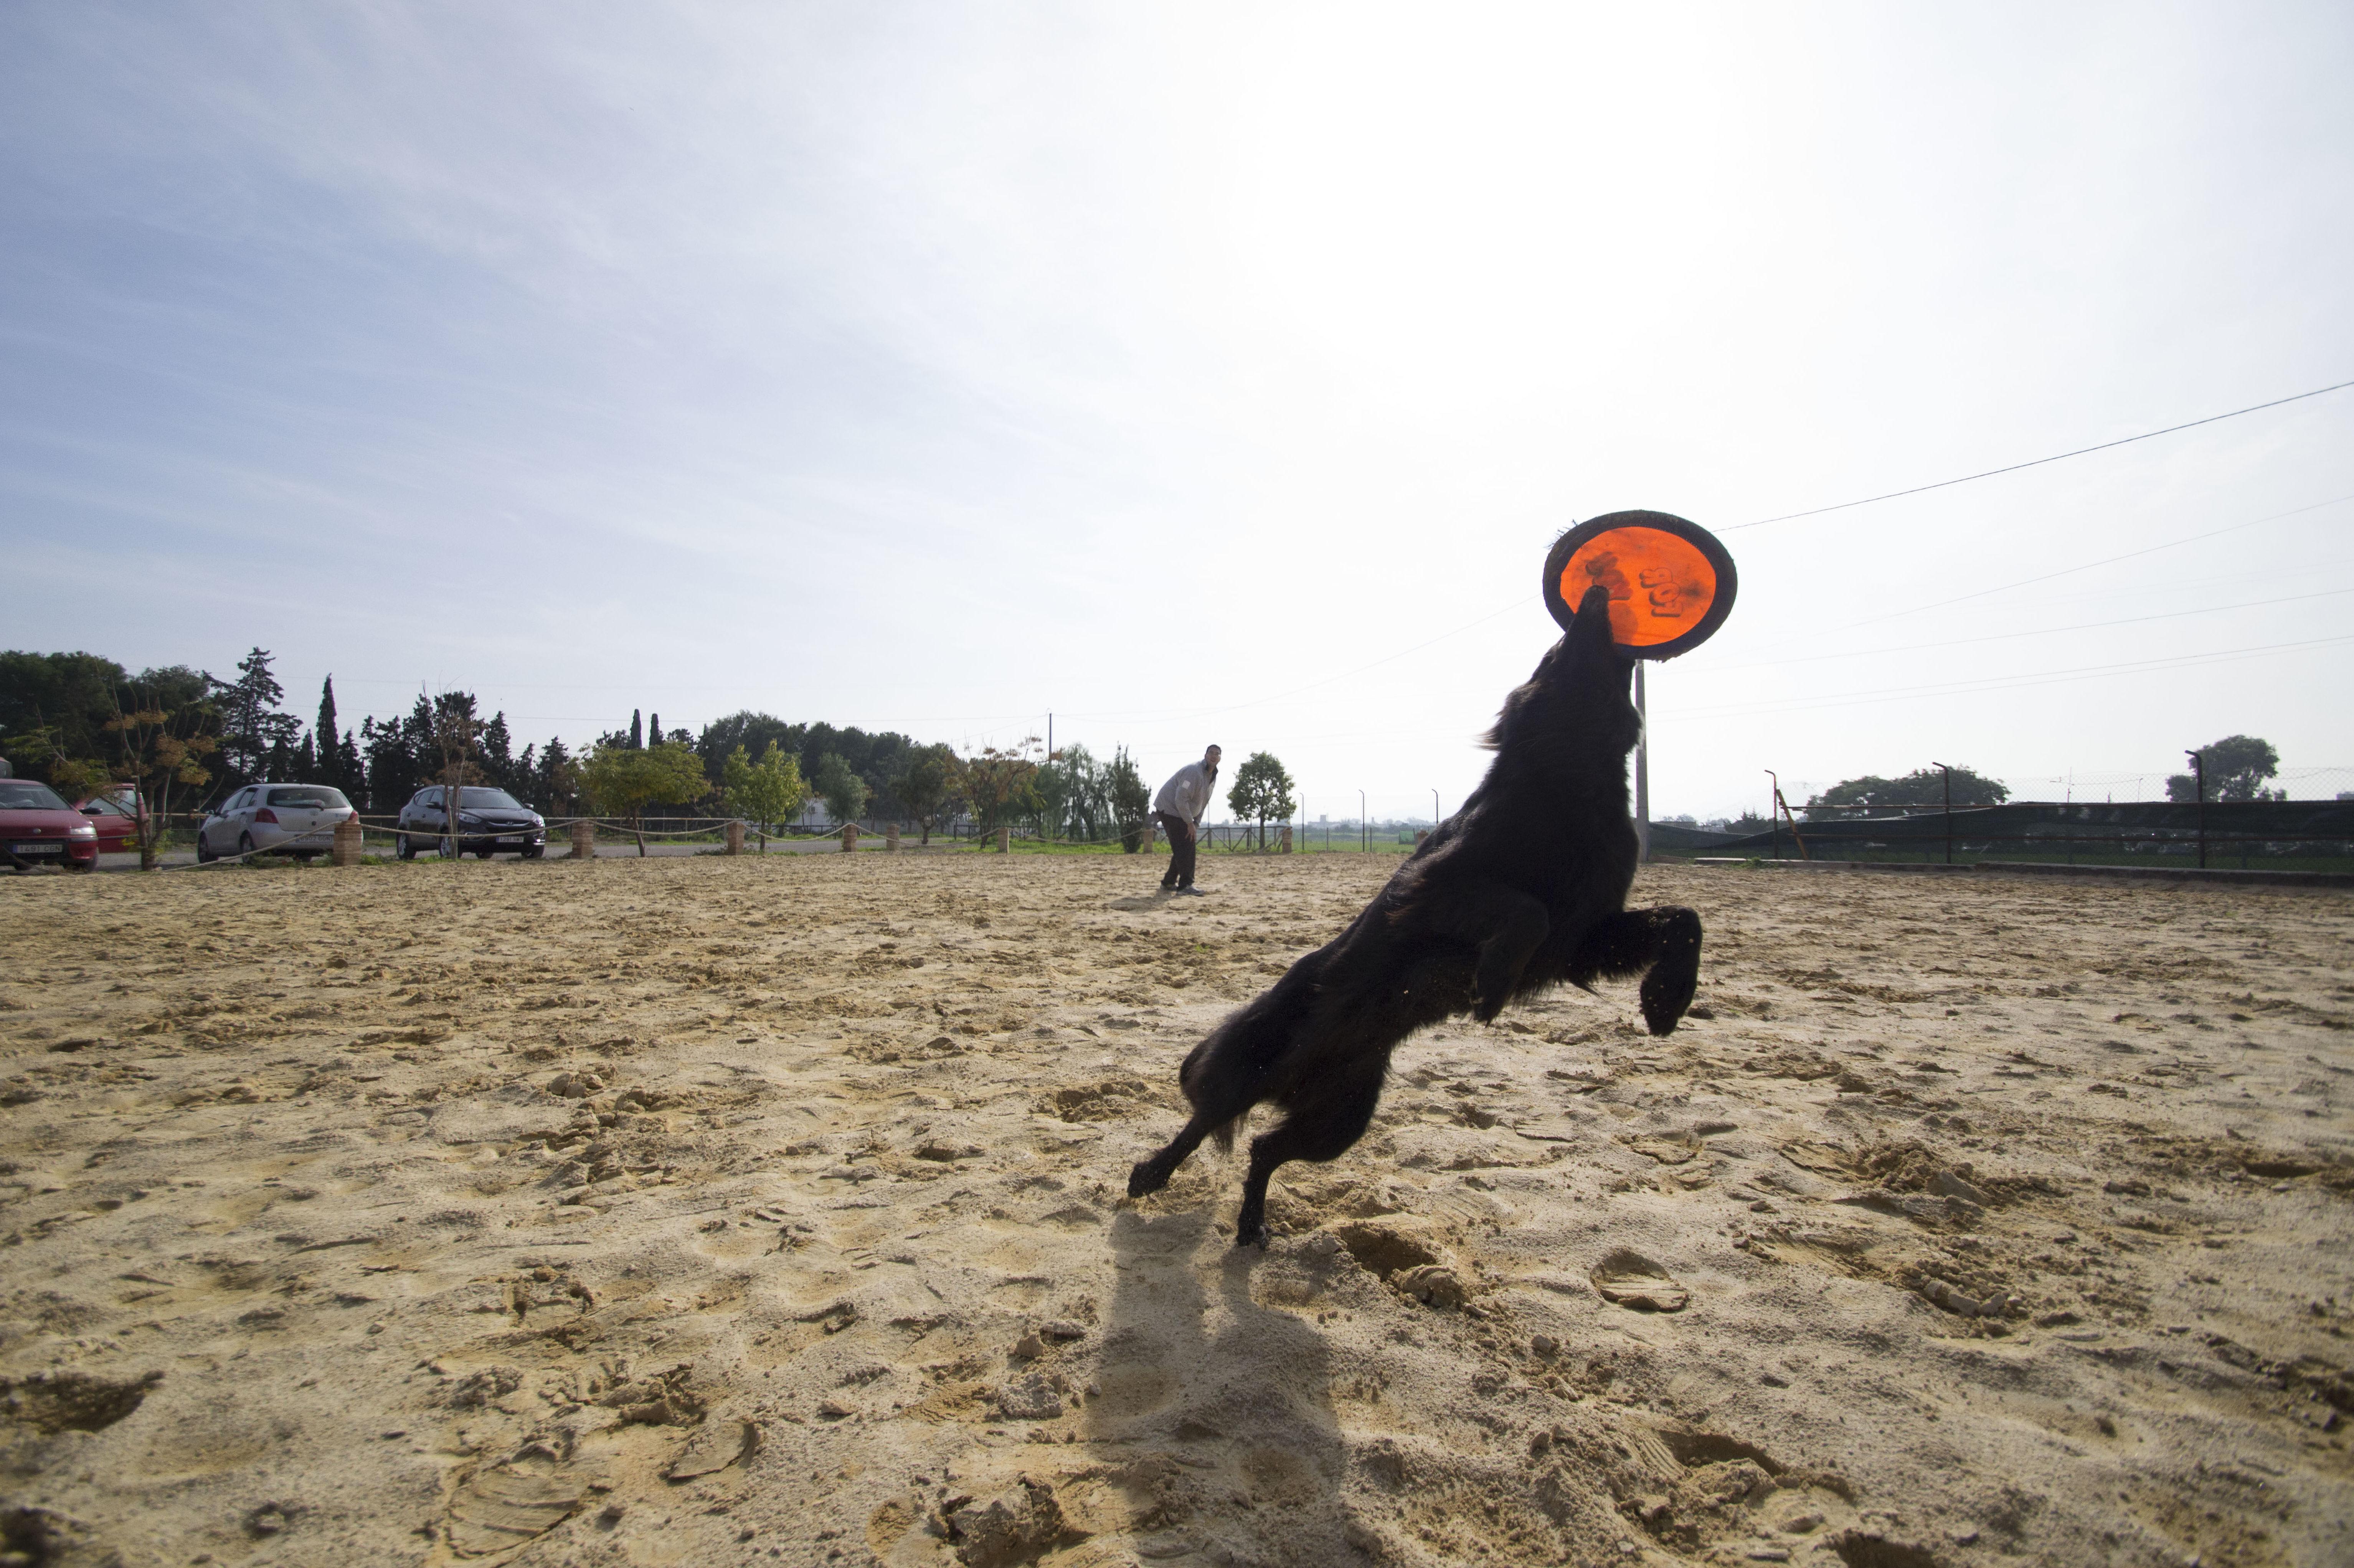 Foto 7 de Adiestramiento canino en Cartagena | Piolcan Adiestramiento Canino y Centro de formación